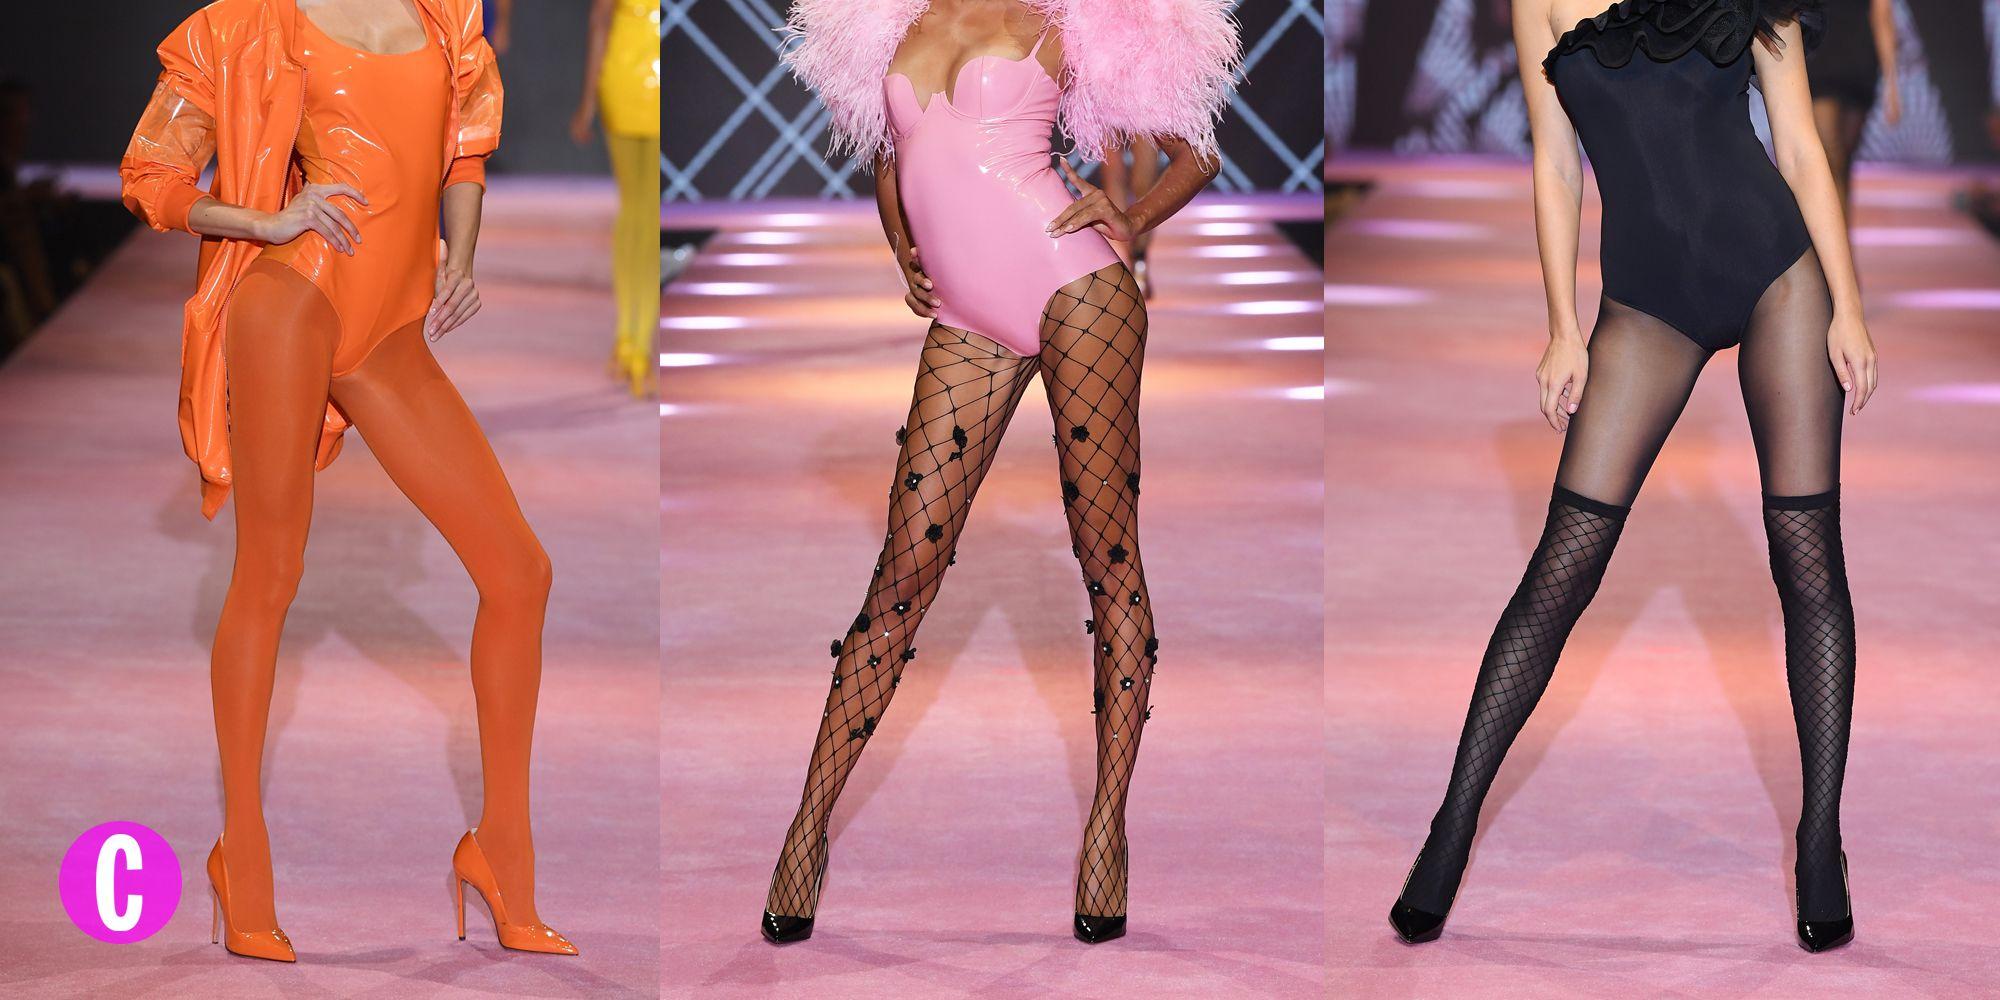 varietà di design 100% qualità Super carino Focus sulle gambe: questo inverno indosserai collant sexy e ...